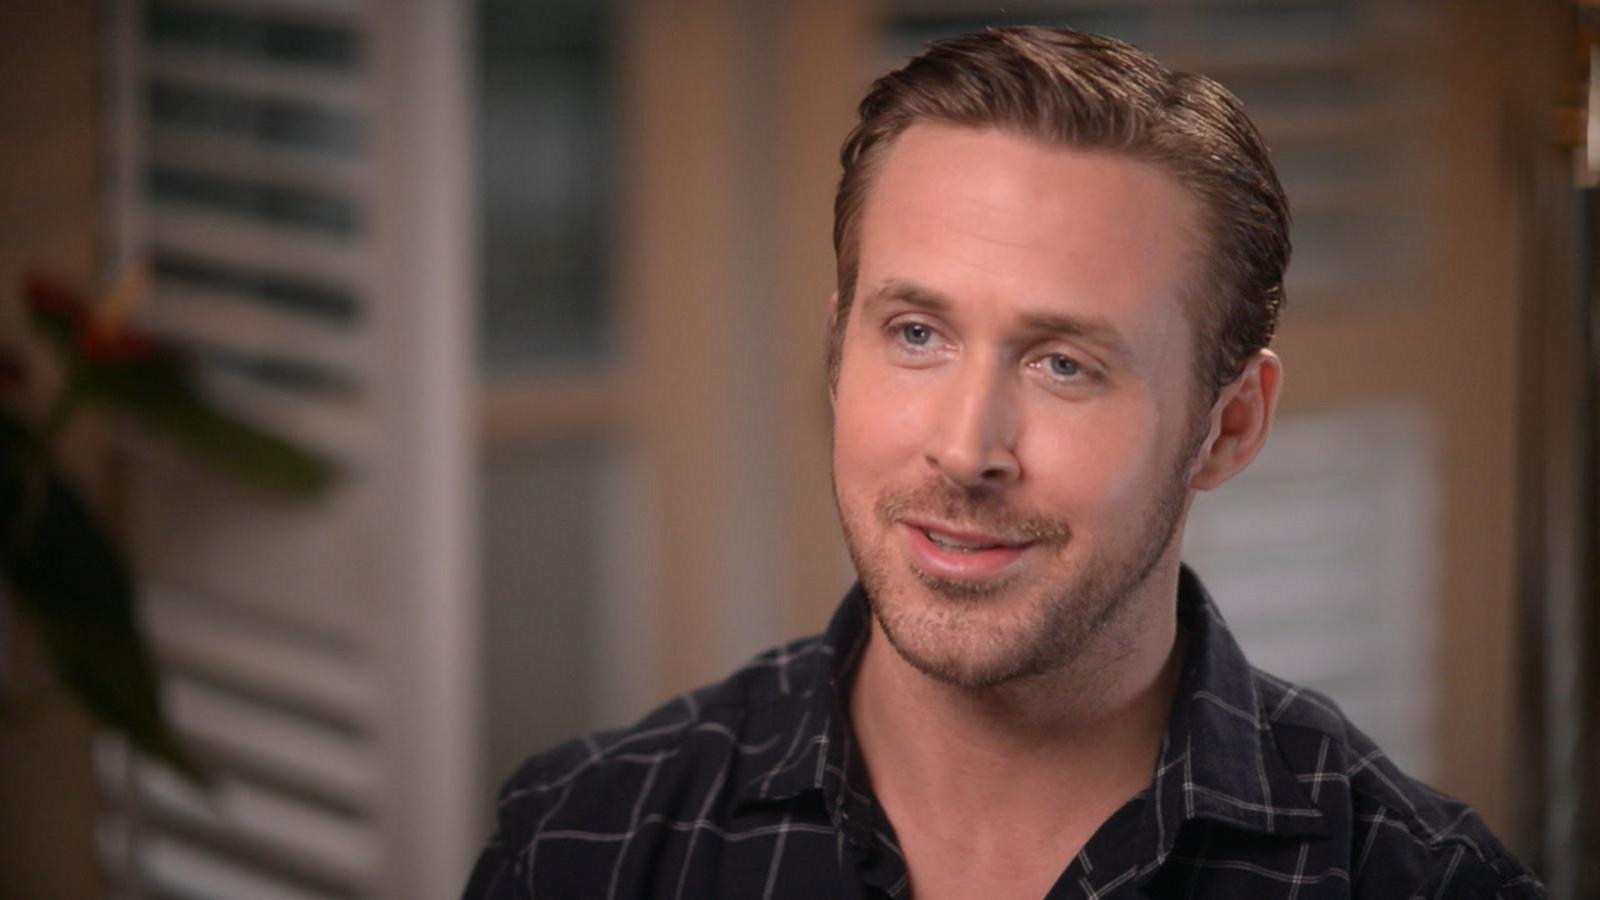 VIDEO: Ryan Gosling Talks 'La La Land'